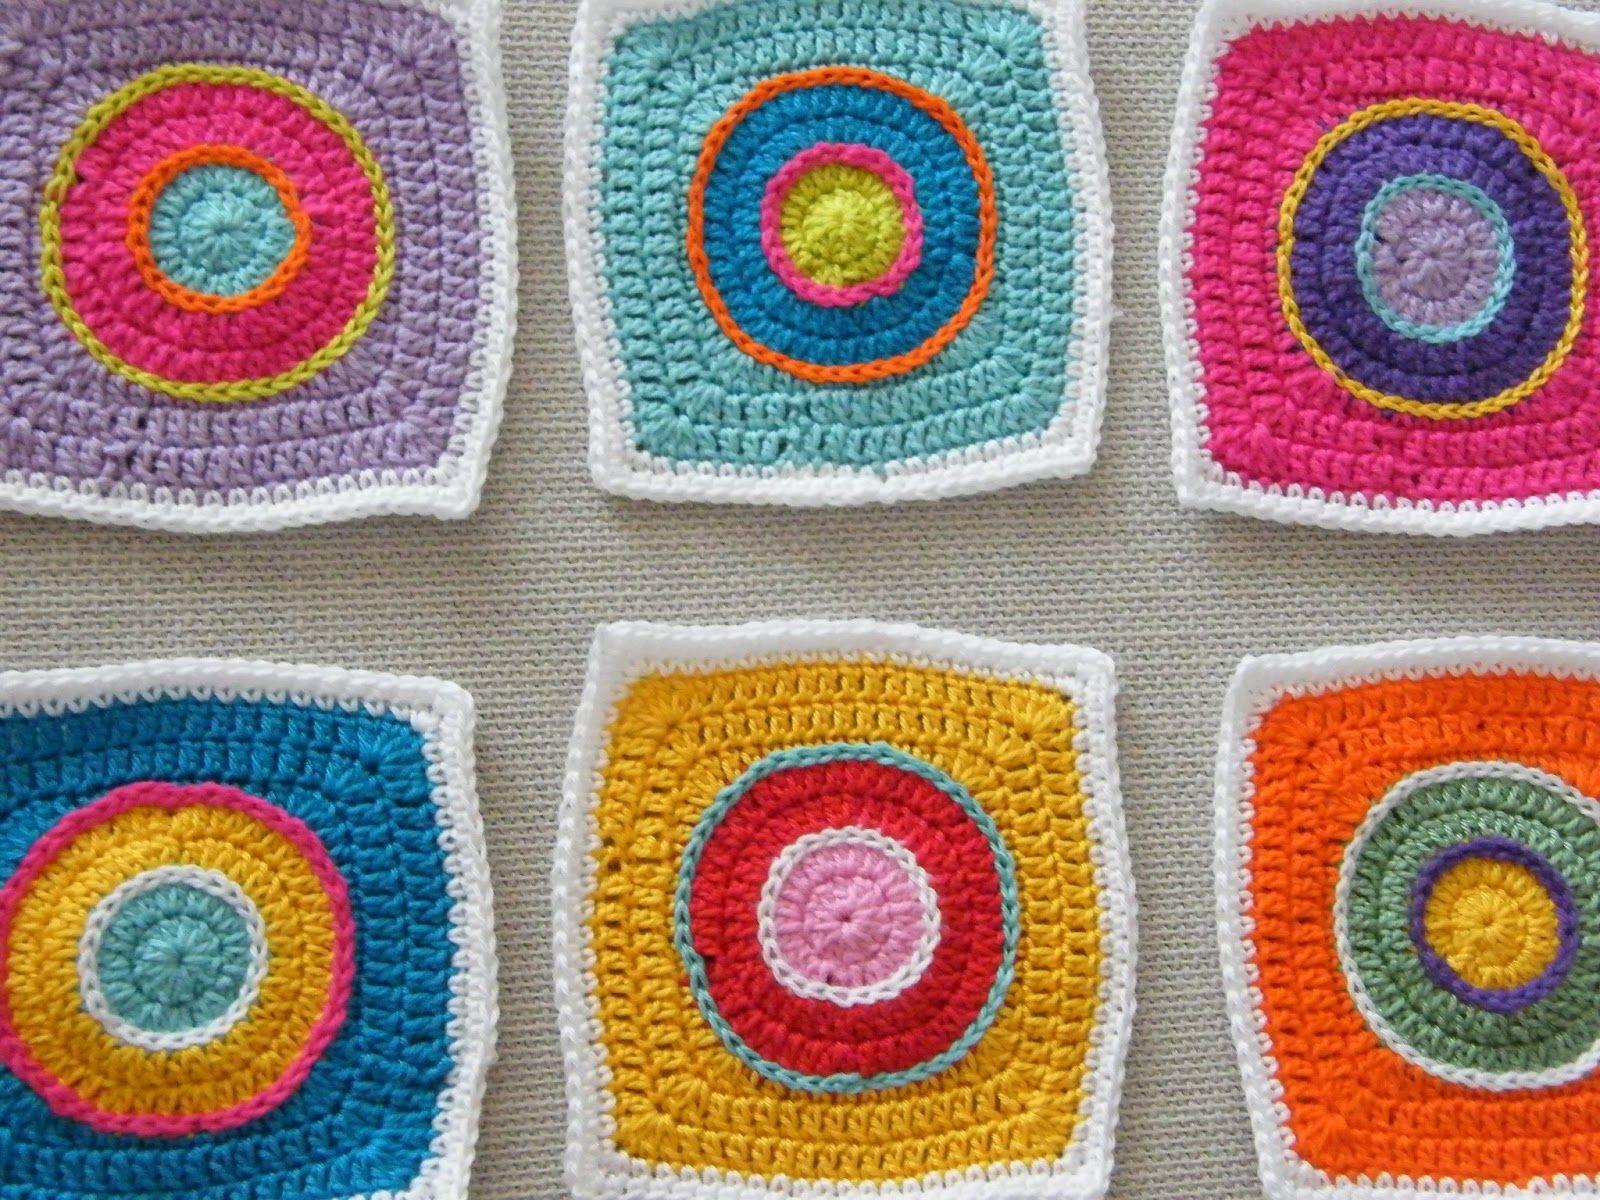 Graphic Granny Squares Haken Pinterest Haken Dekens En Breien